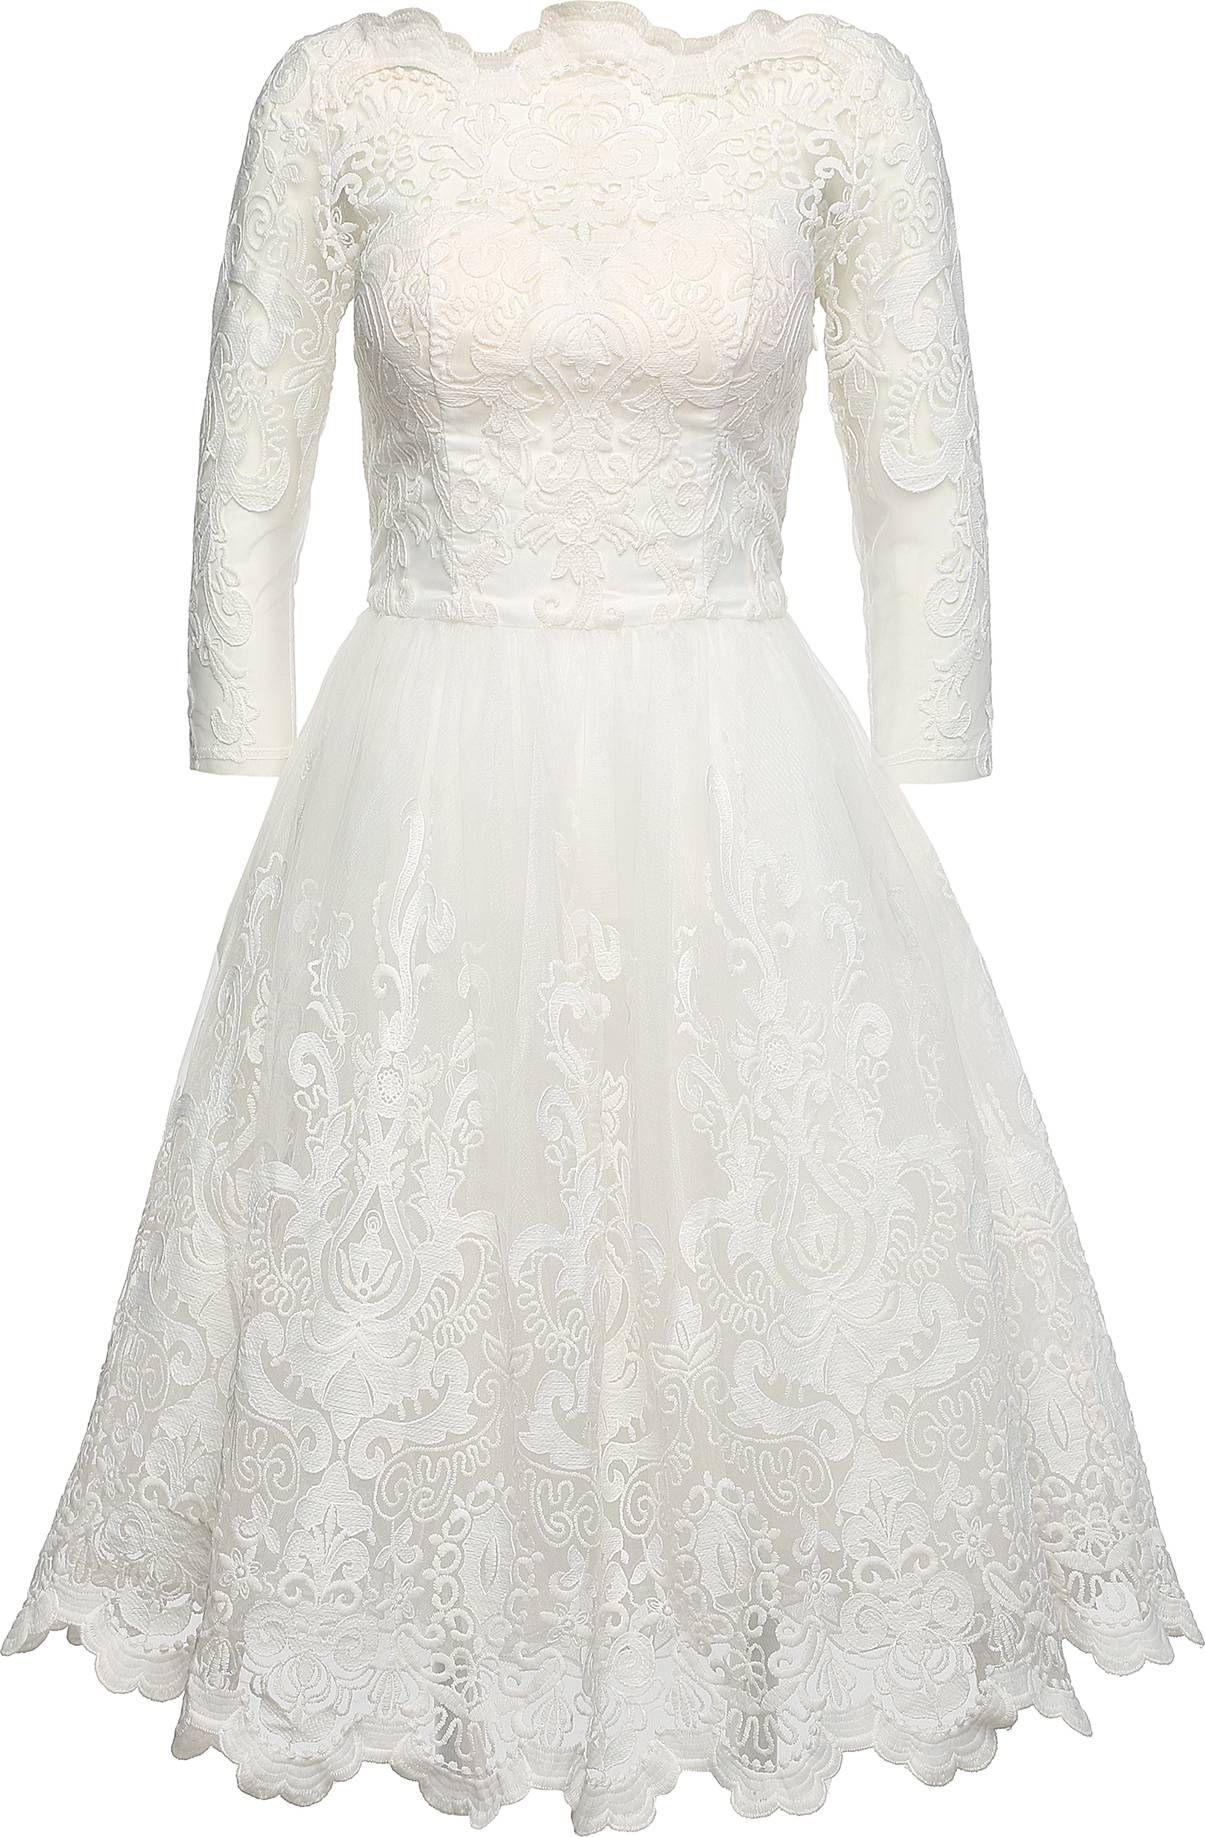 Spektakulär Konfirmationskleider Weiß für 201920 Ausgezeichnet Konfirmationskleider Weiß Vertrieb